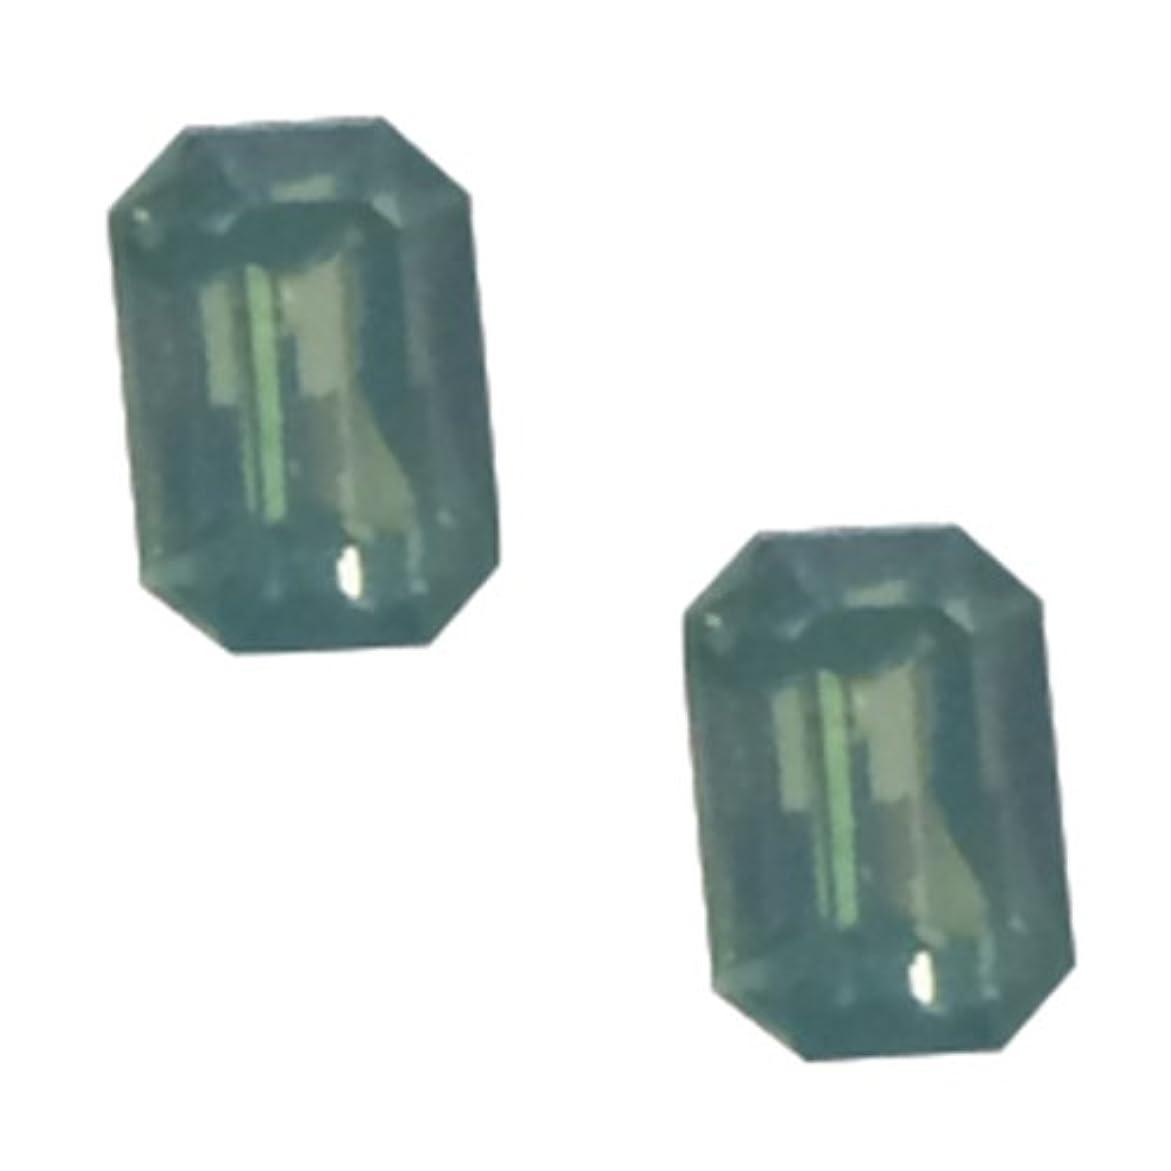 ダイアクリティカル酸横POSH ART ネイルパーツ長方形型 4*6mm 10P グリーンオパール